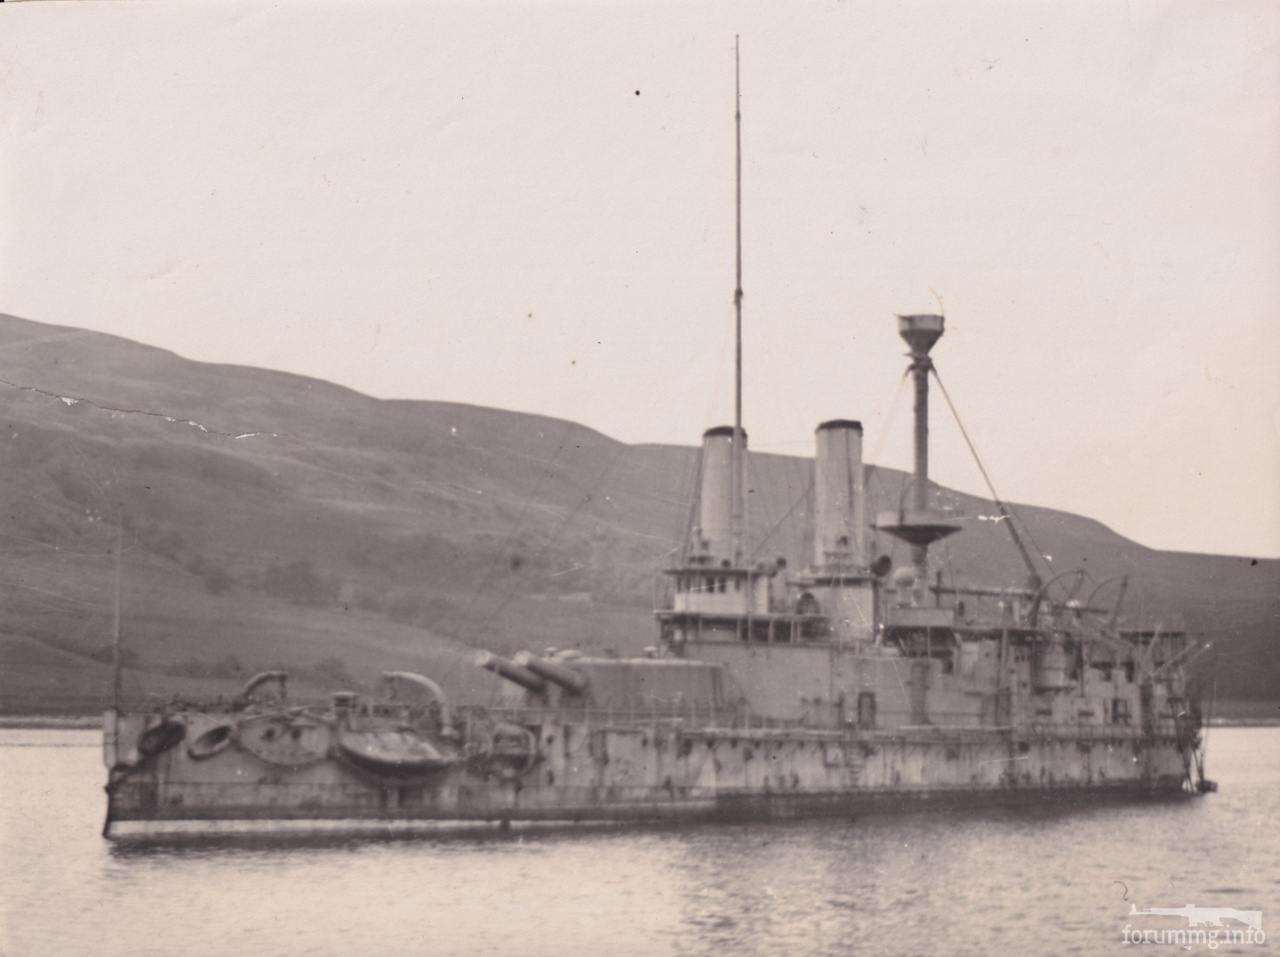 118816 - Броненосцы, дредноуты, линкоры и крейсера Британии